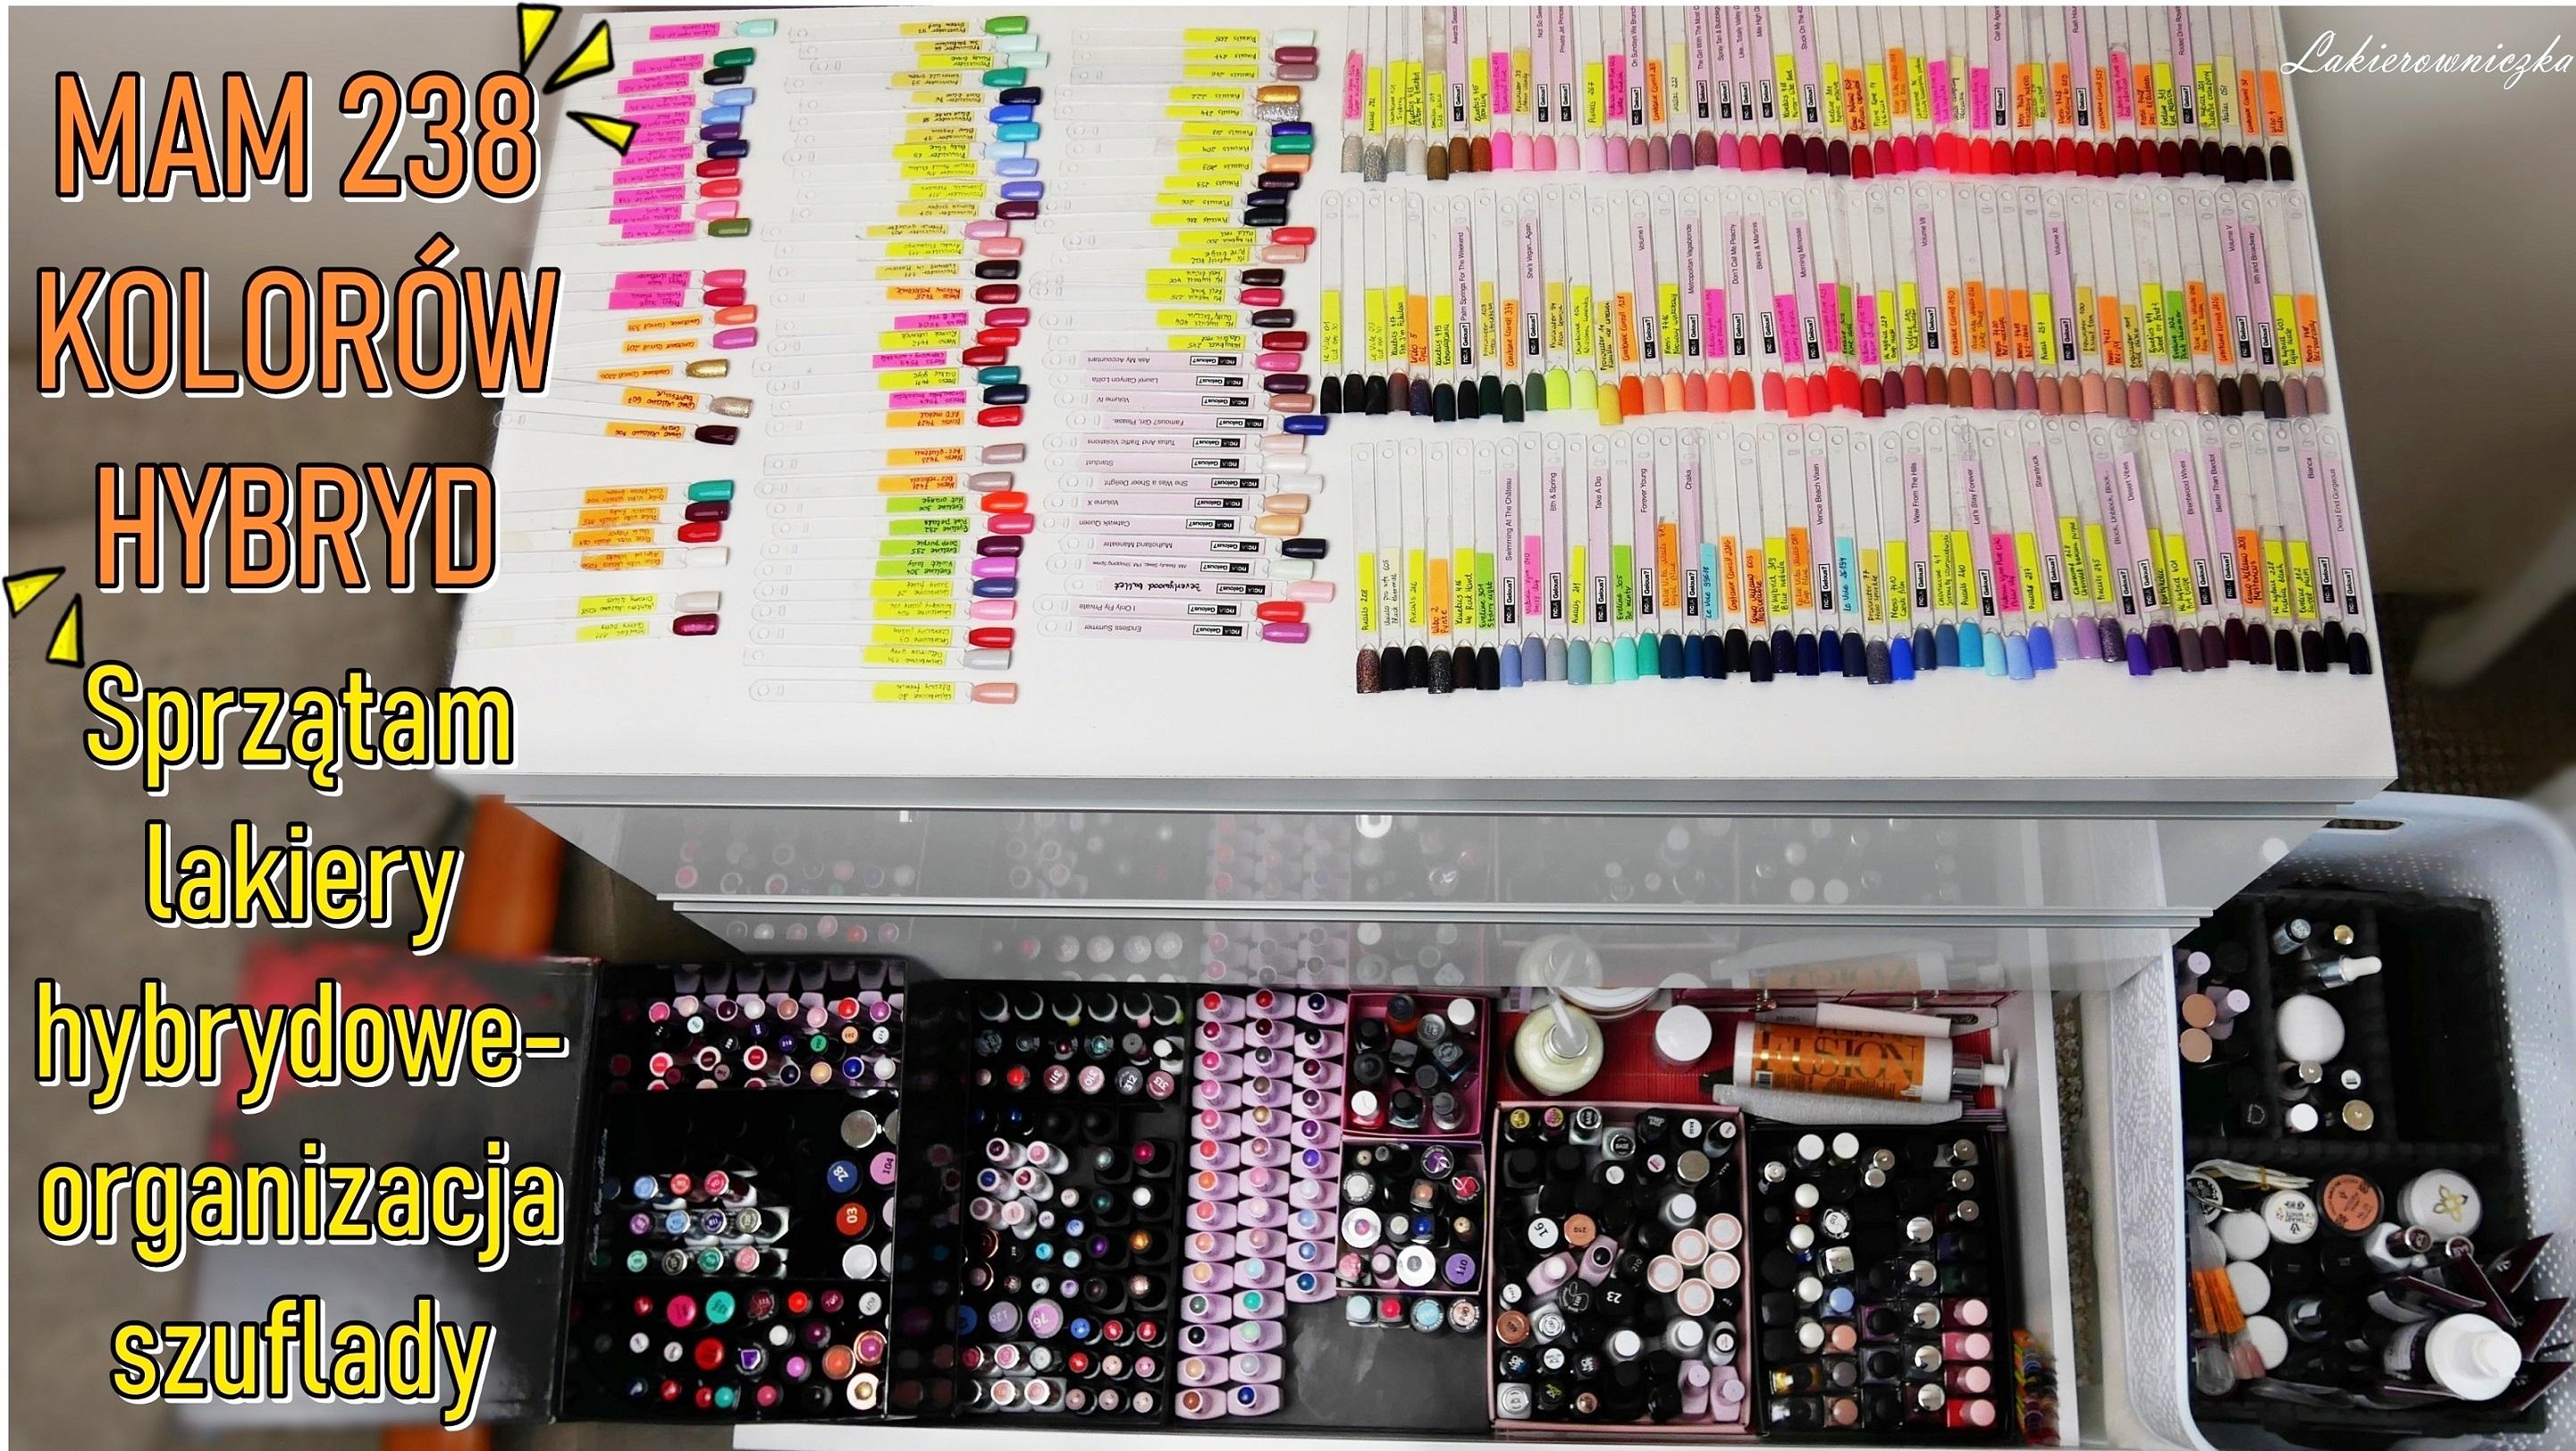 mialam-238-kolorow-hybryd-porzadki-organizacja-lakierow-hybrydowych-wyprzedaz-rozne-firmy-hybrydy-Lakierowniczka-238 kolorów hybryd